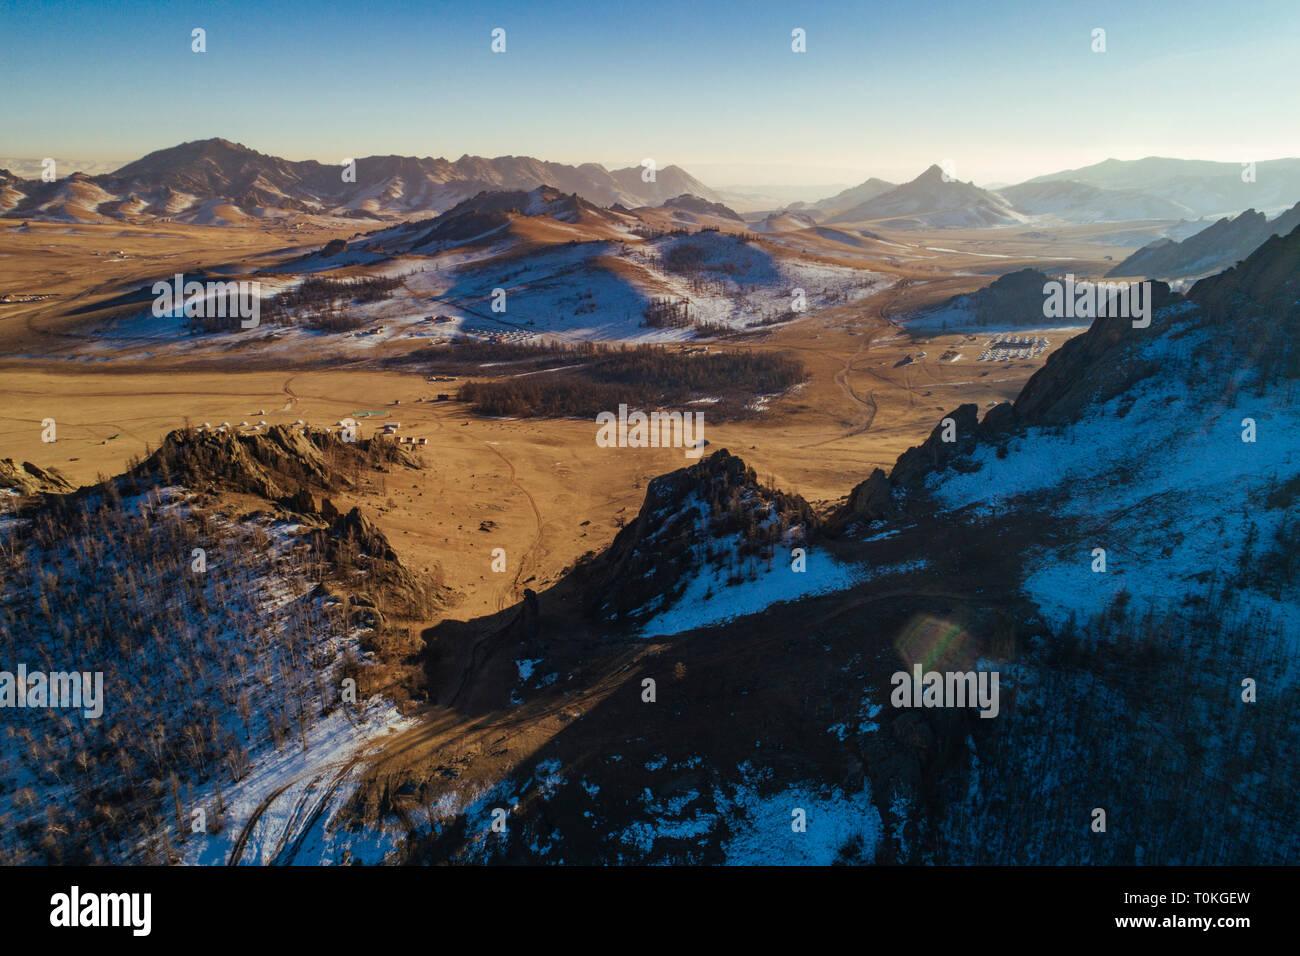 La Svizzera mongola, Gorkhi-Terelj Parco Nazionale, Mongolia Foto Stock